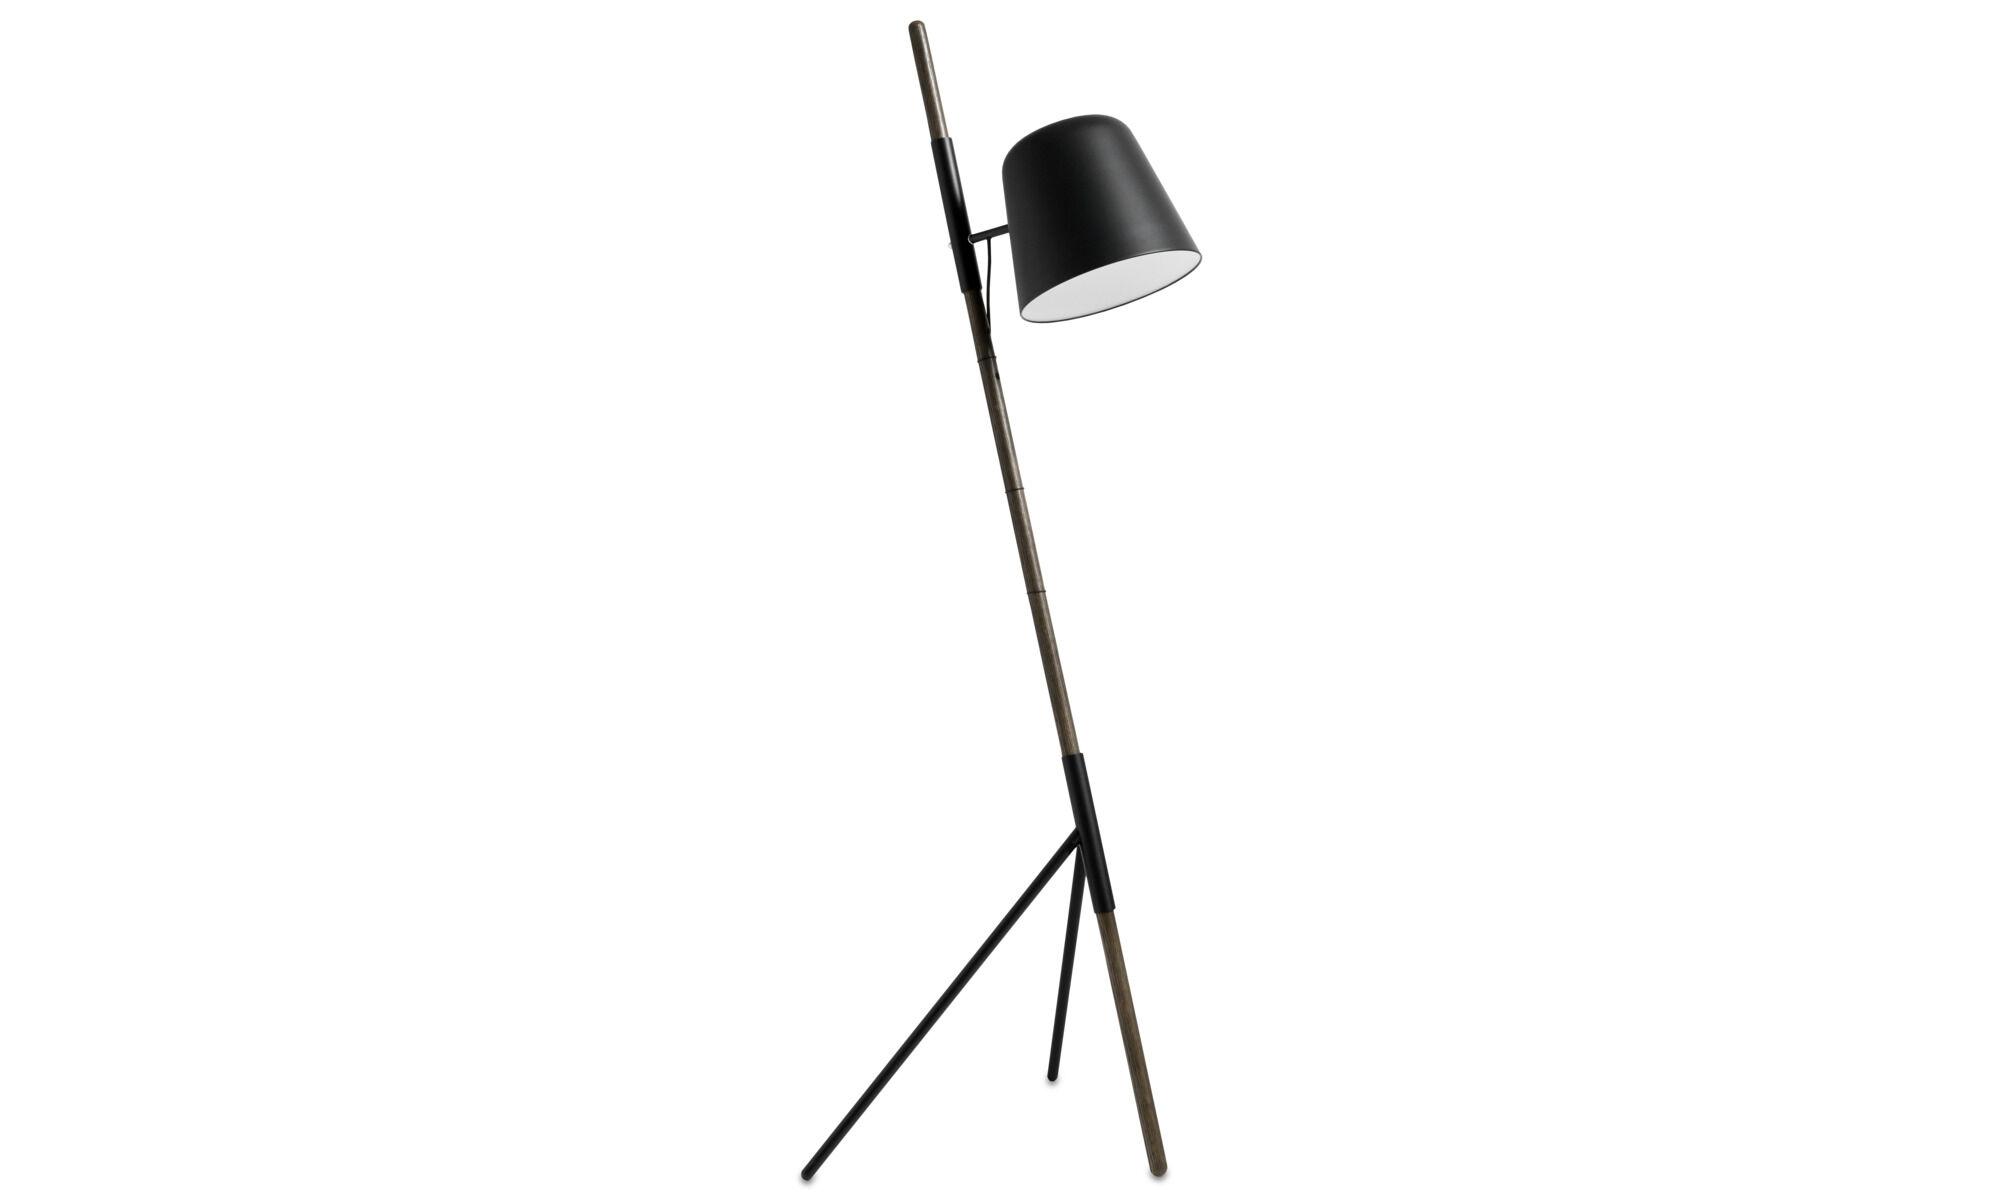 Lampen online im Shop kaufen: Designer Leuchten vom